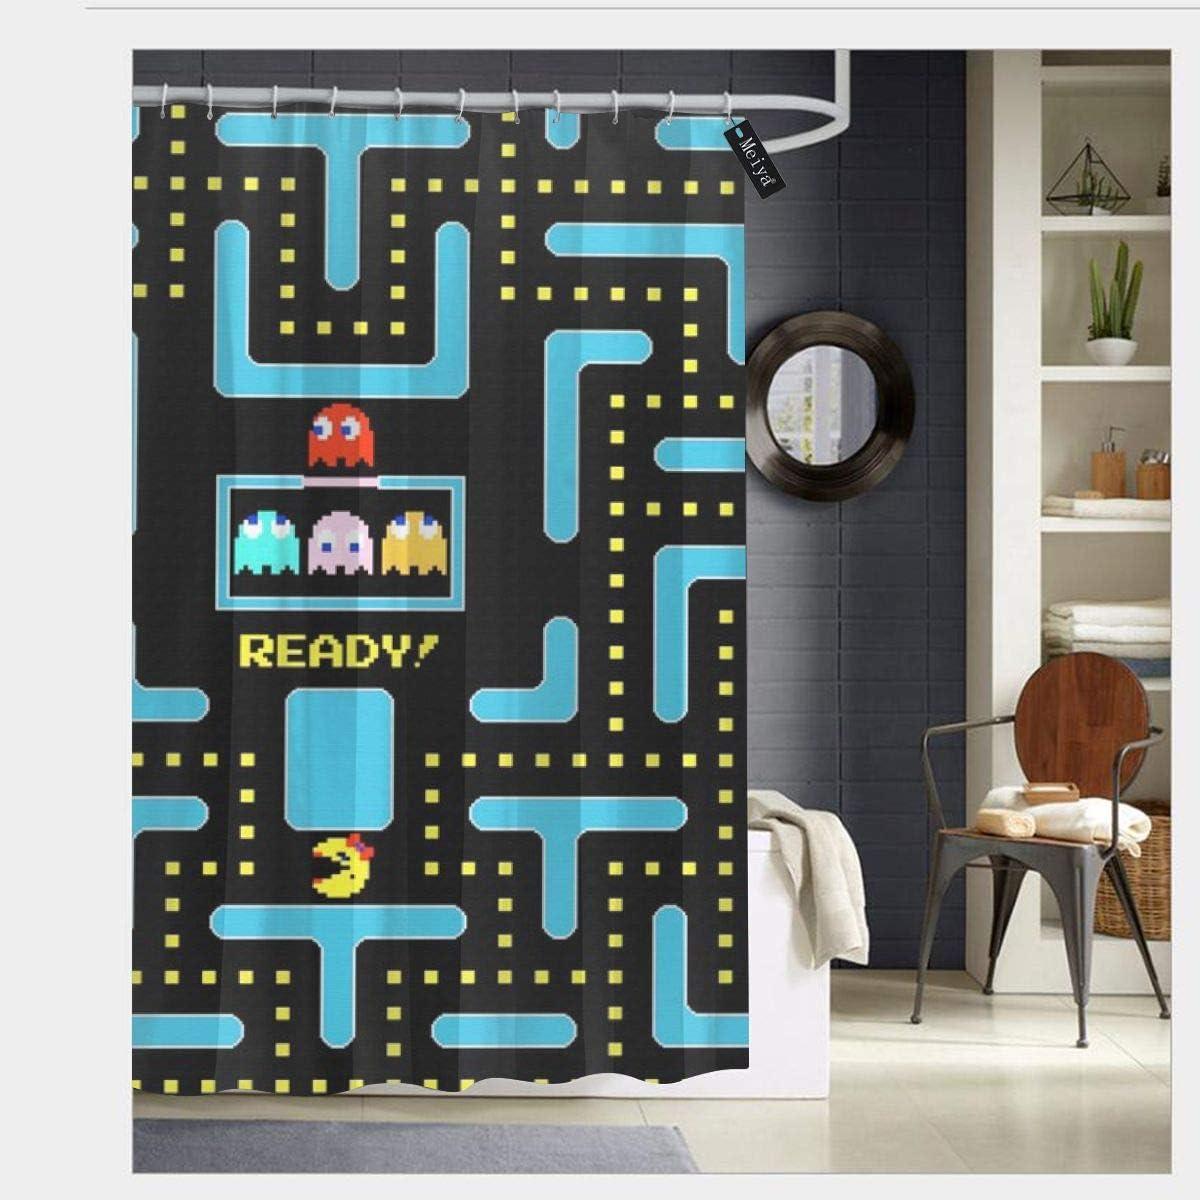 60x72 Inch Cortinas de Ducha Resistentes al Moho Mesllings Pacman